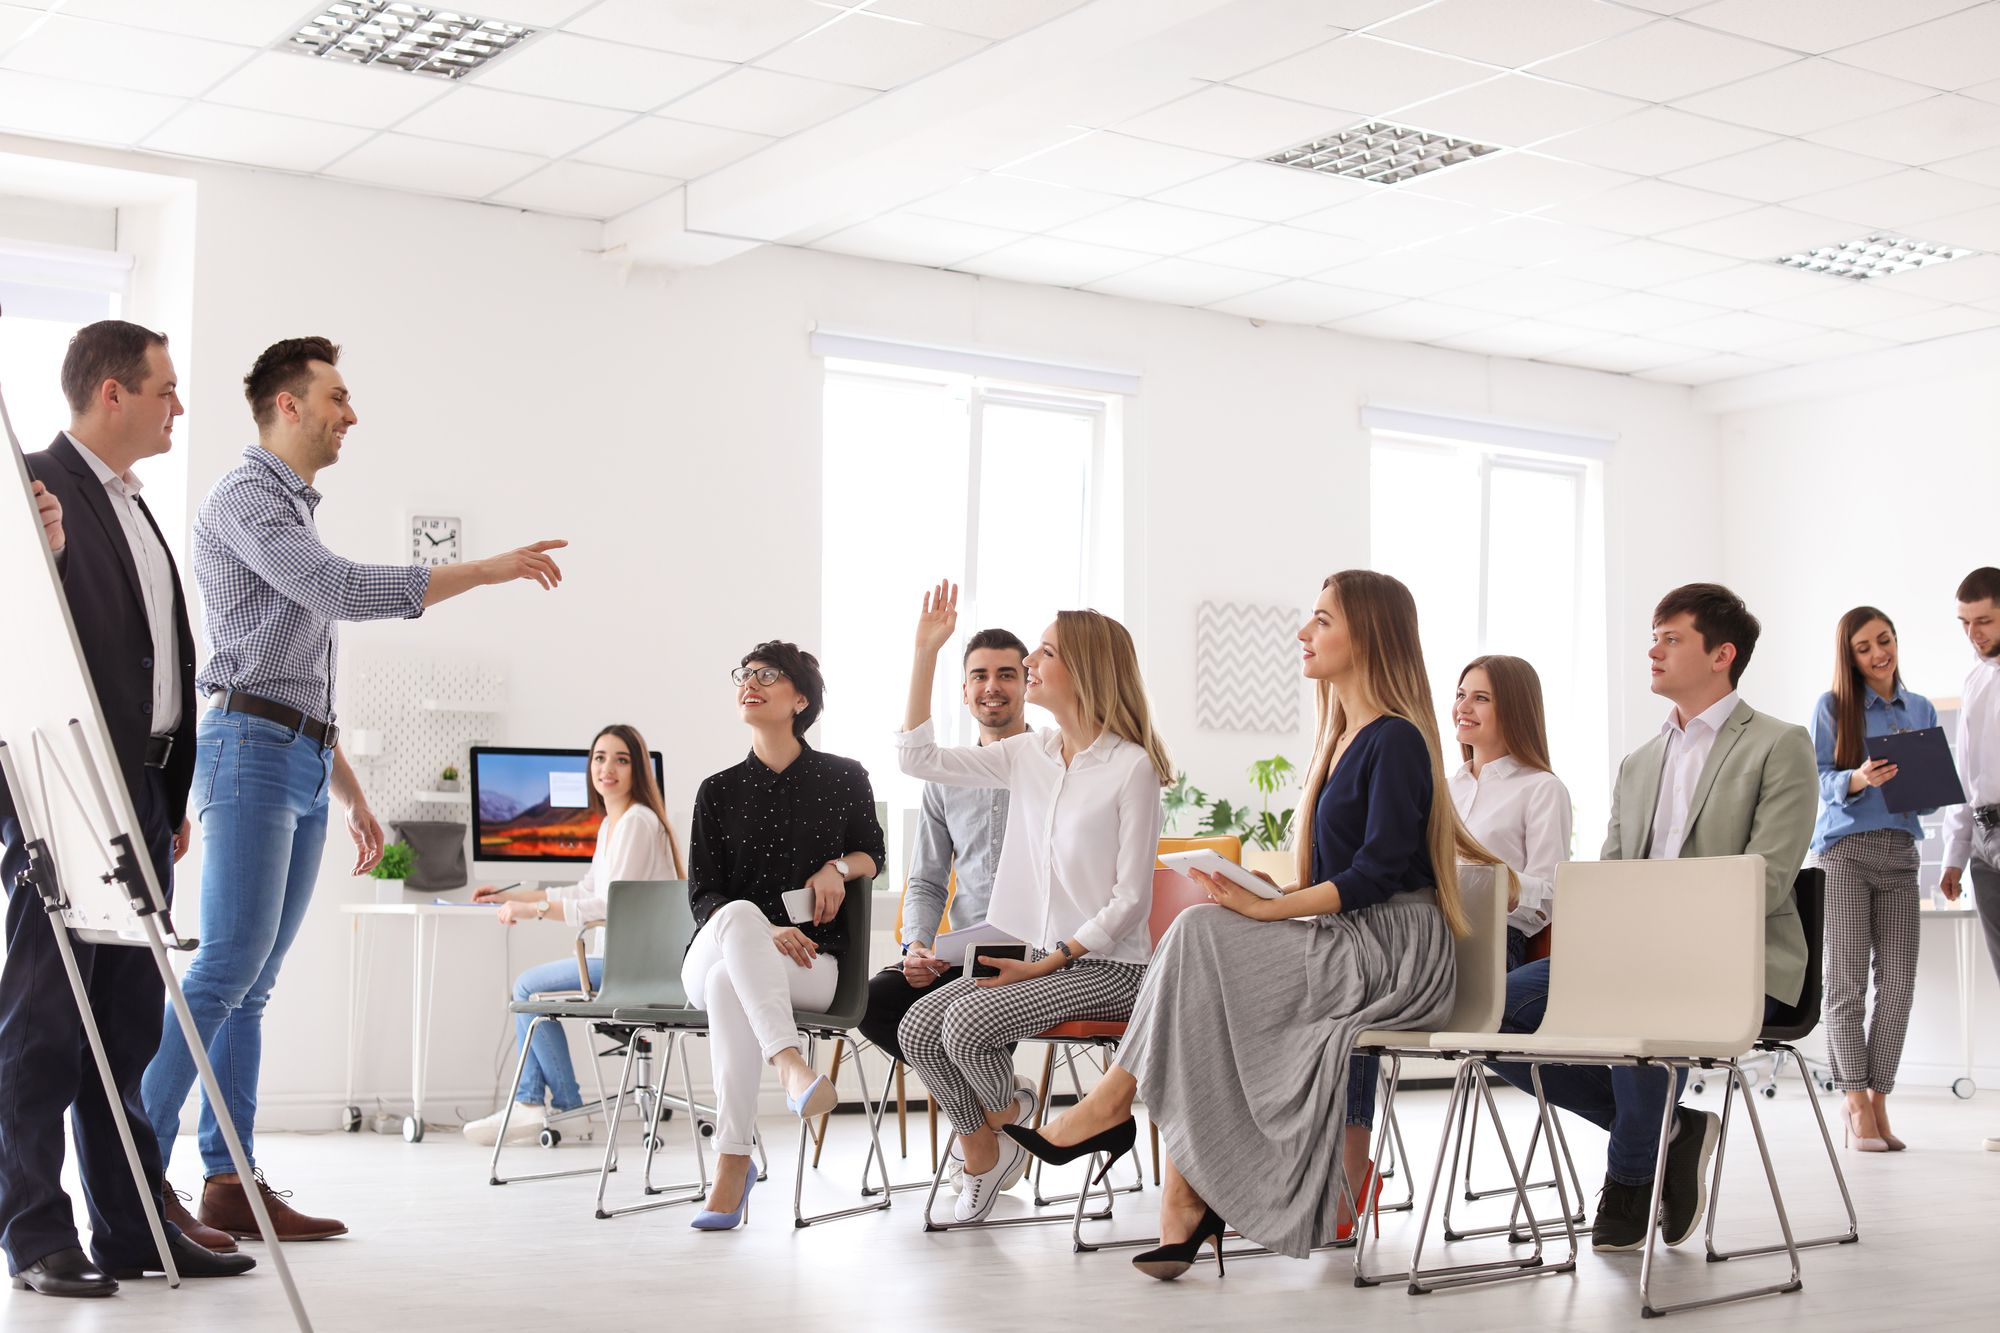 Administração de pessoal: veja 4 dicas para você avançar na carreira e se destacar no mercado